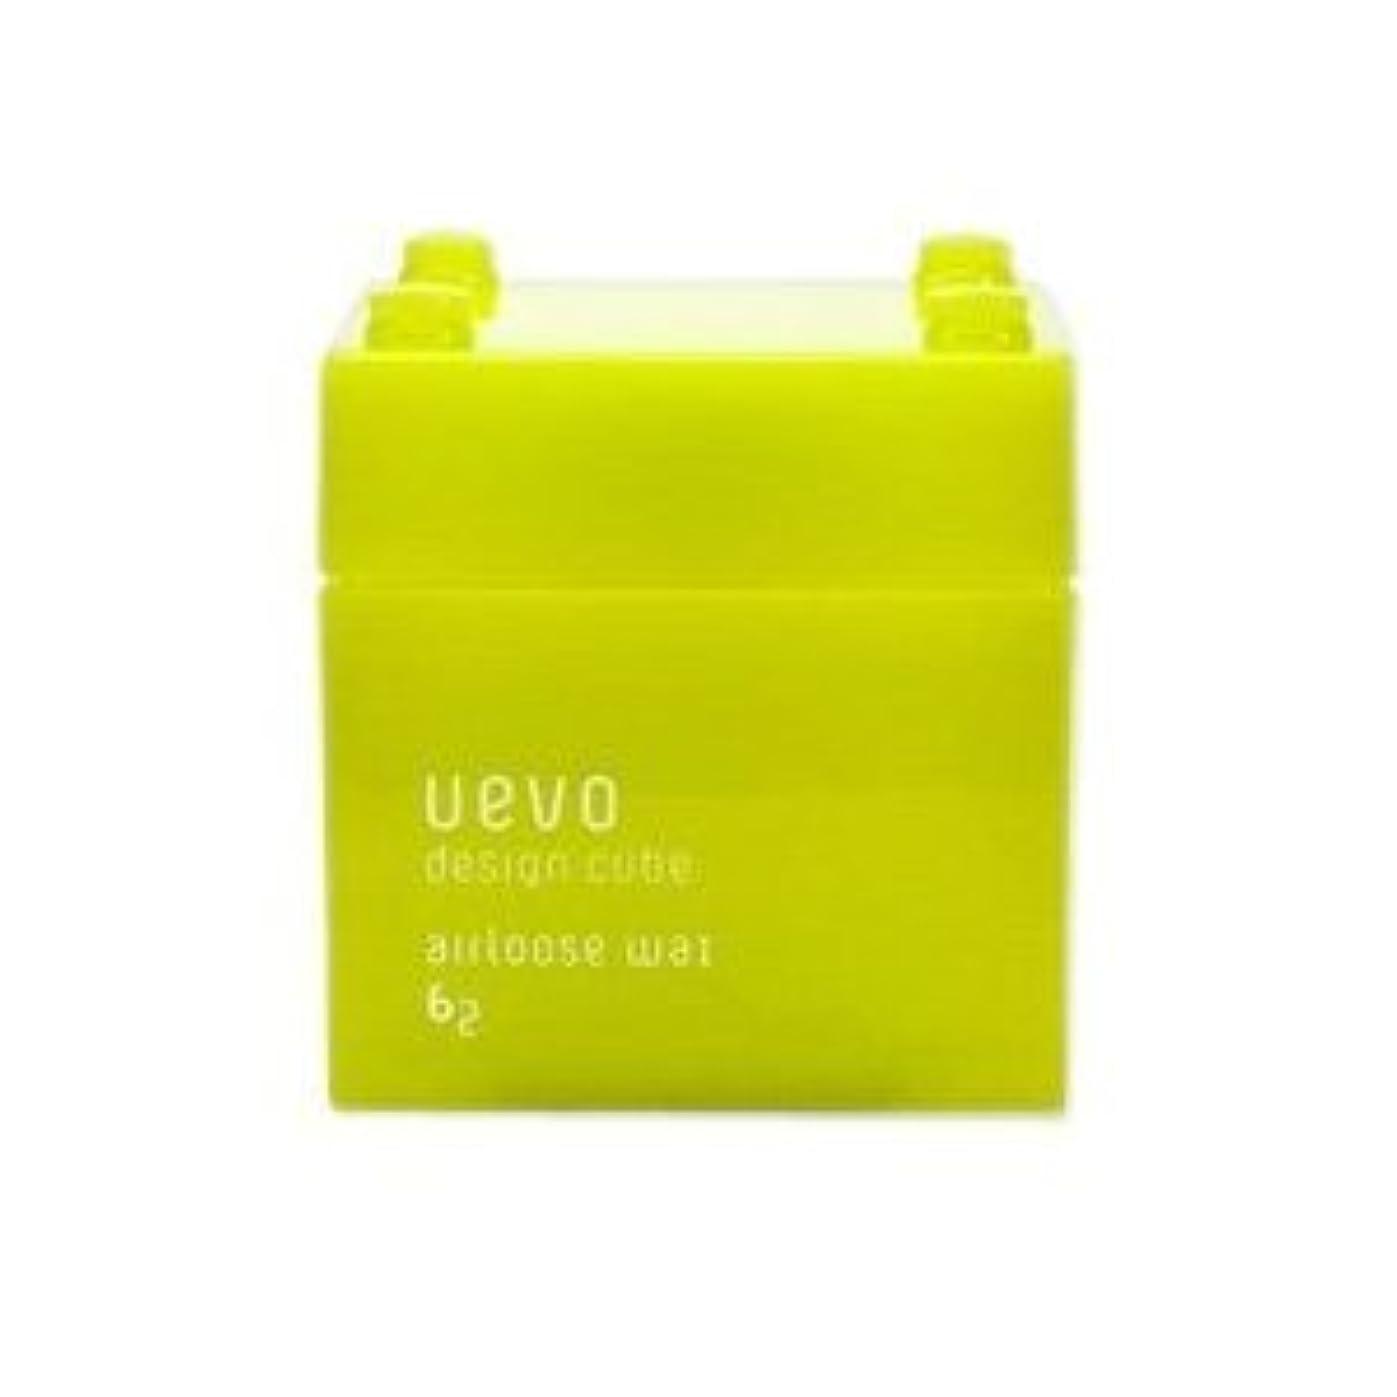 赤篭柔らかさ【X2個セット】 デミ ウェーボ デザインキューブ エアルーズワックス 80g airloose wax DEMI uevo design cube